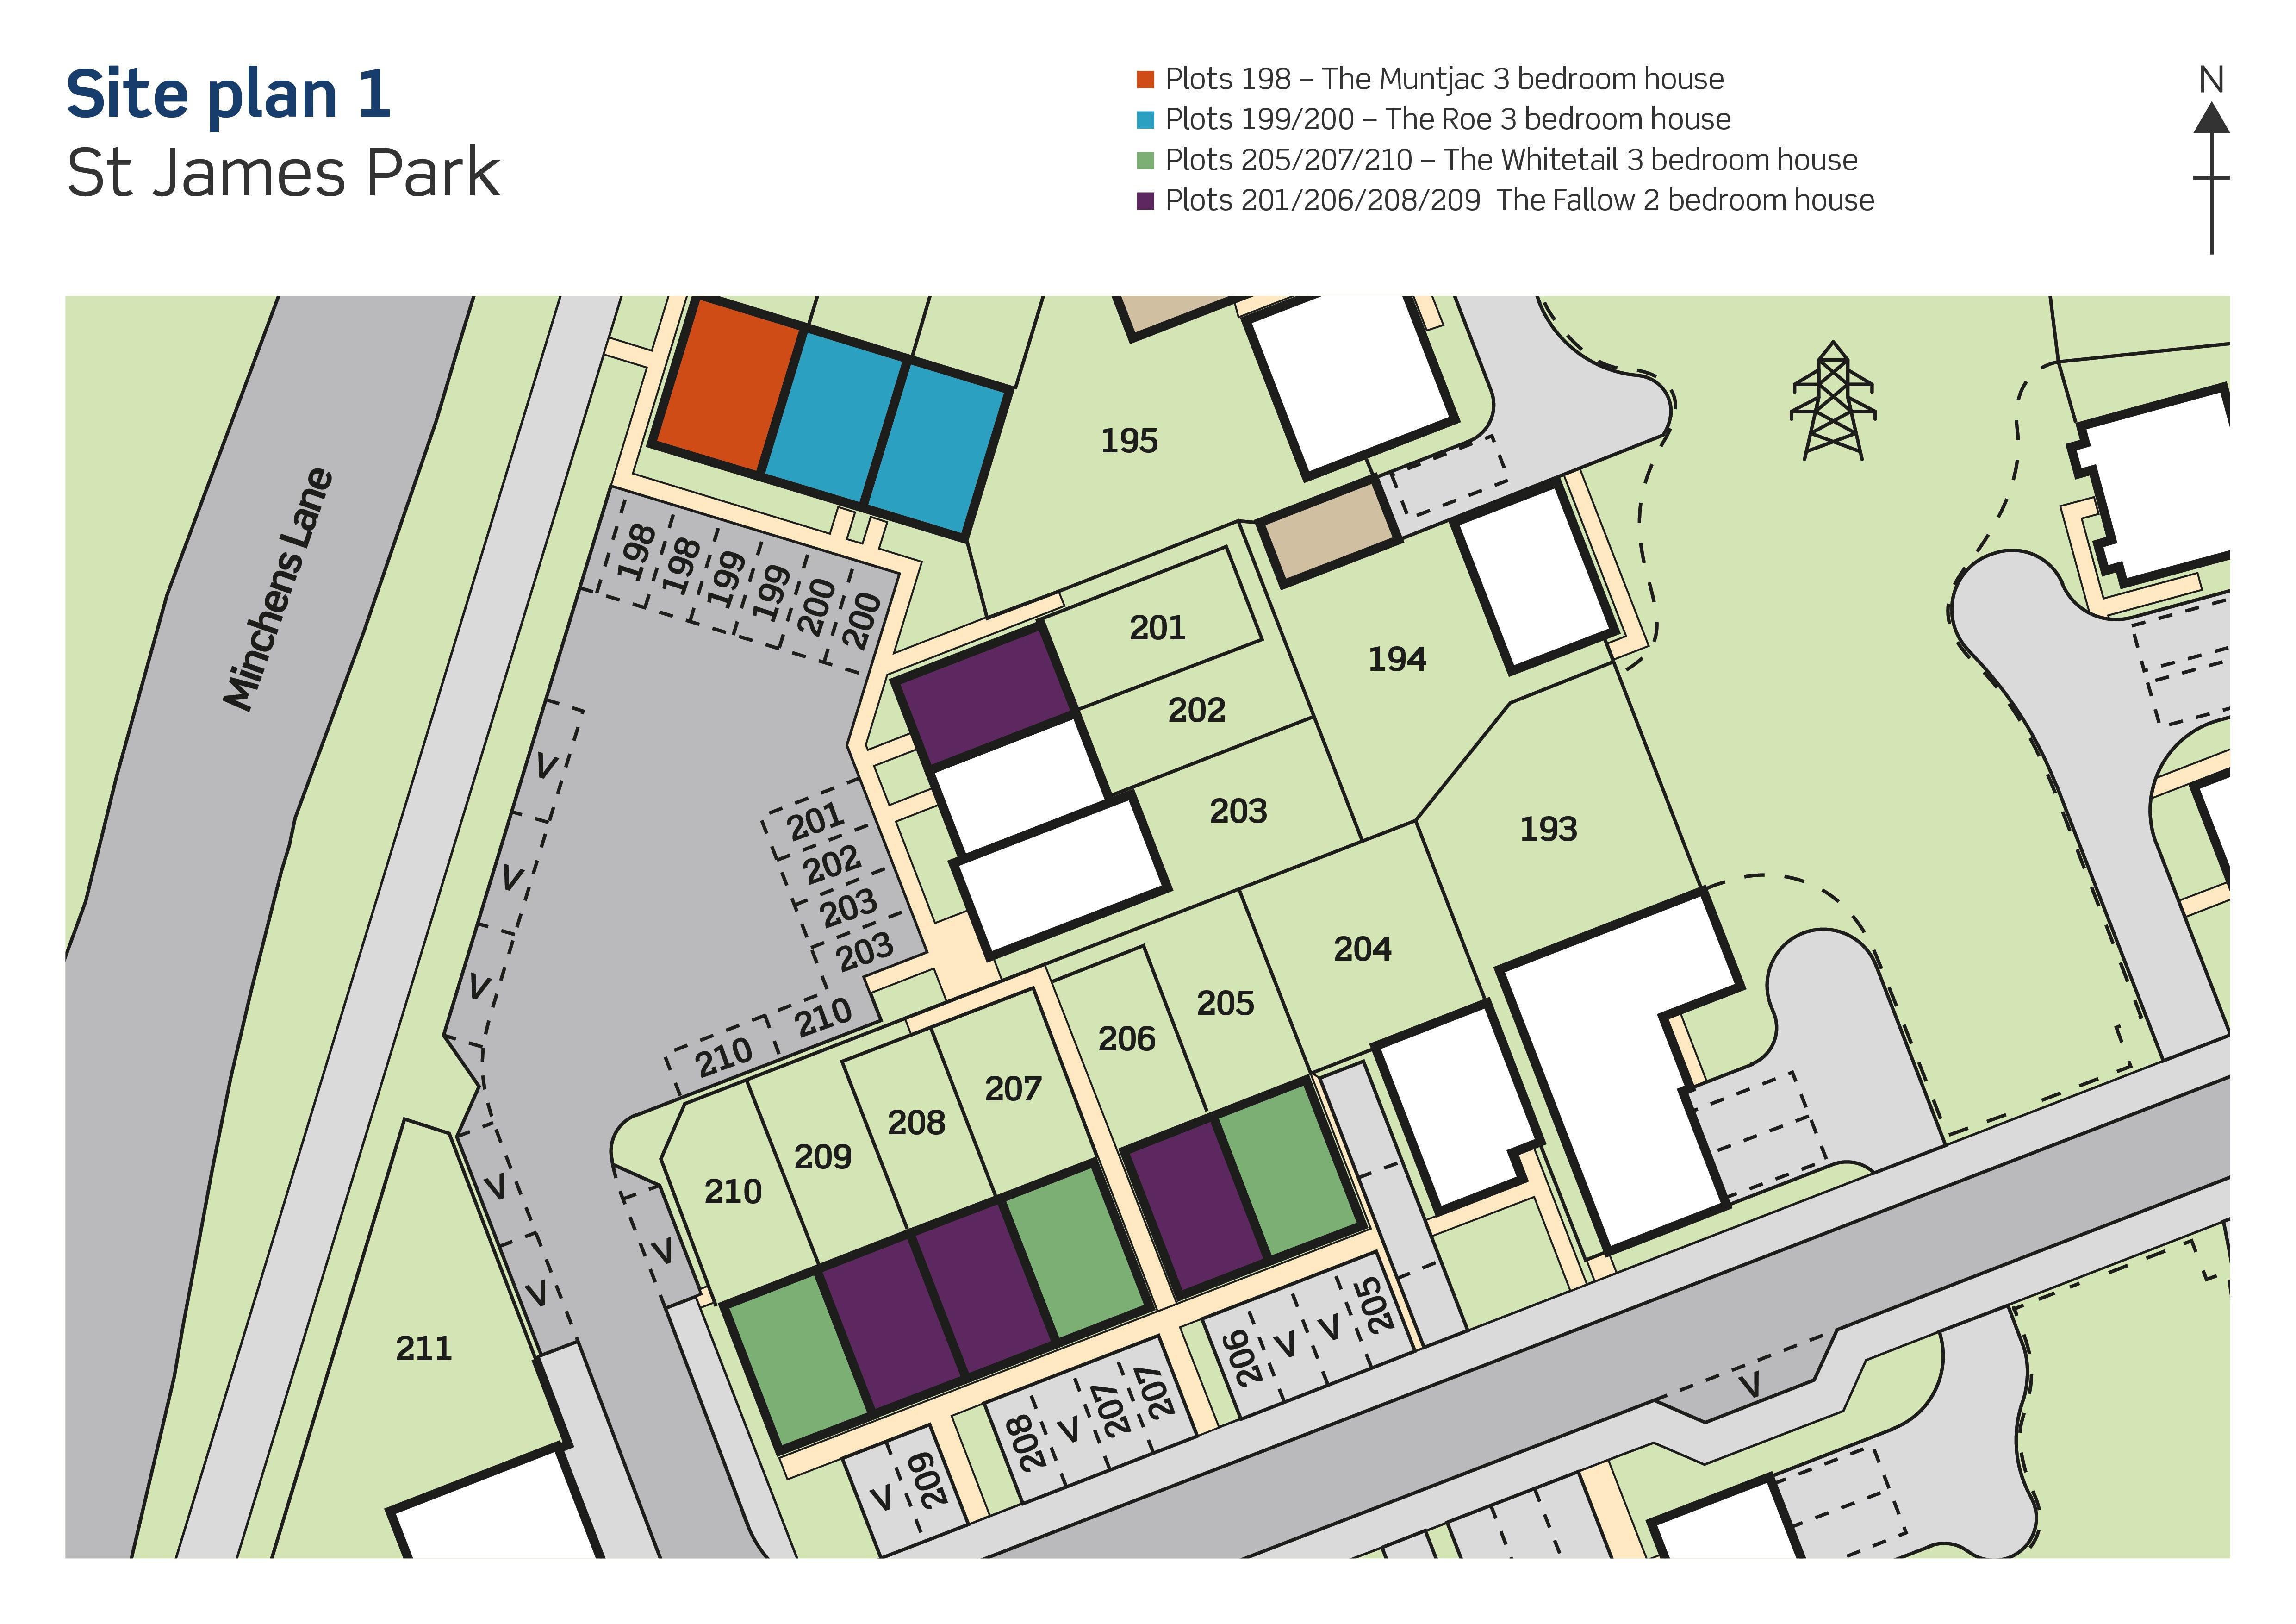 St James Park the Roe site plan